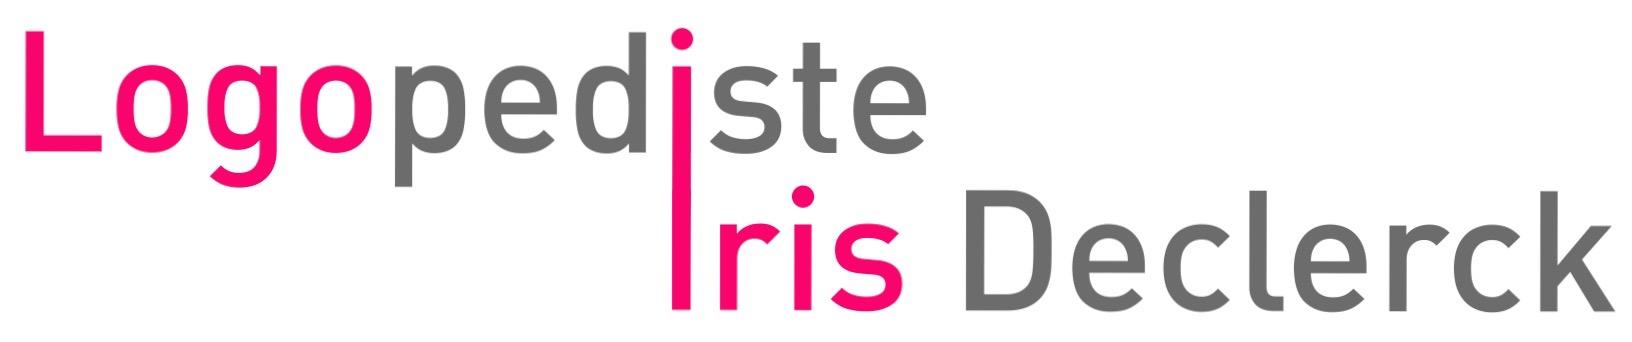 Logopedie Iris Declerck